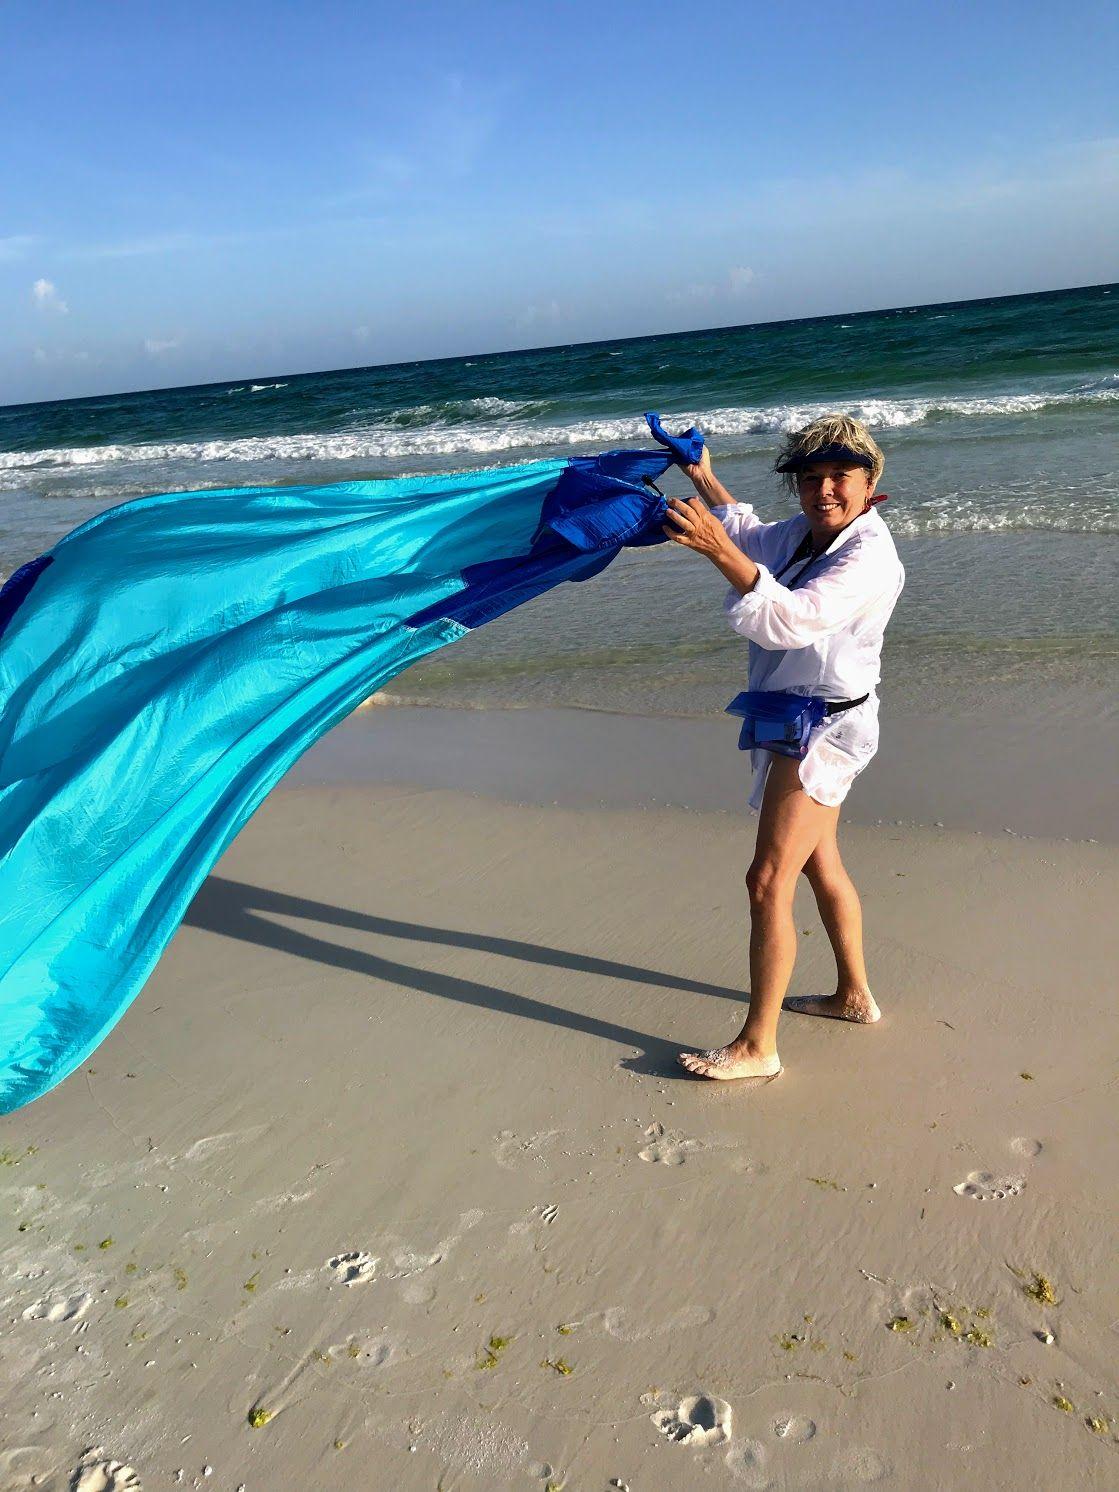 Beach Hacks For Keeping The Sand At The Beach Beach Blanket Beach Hacks Beach